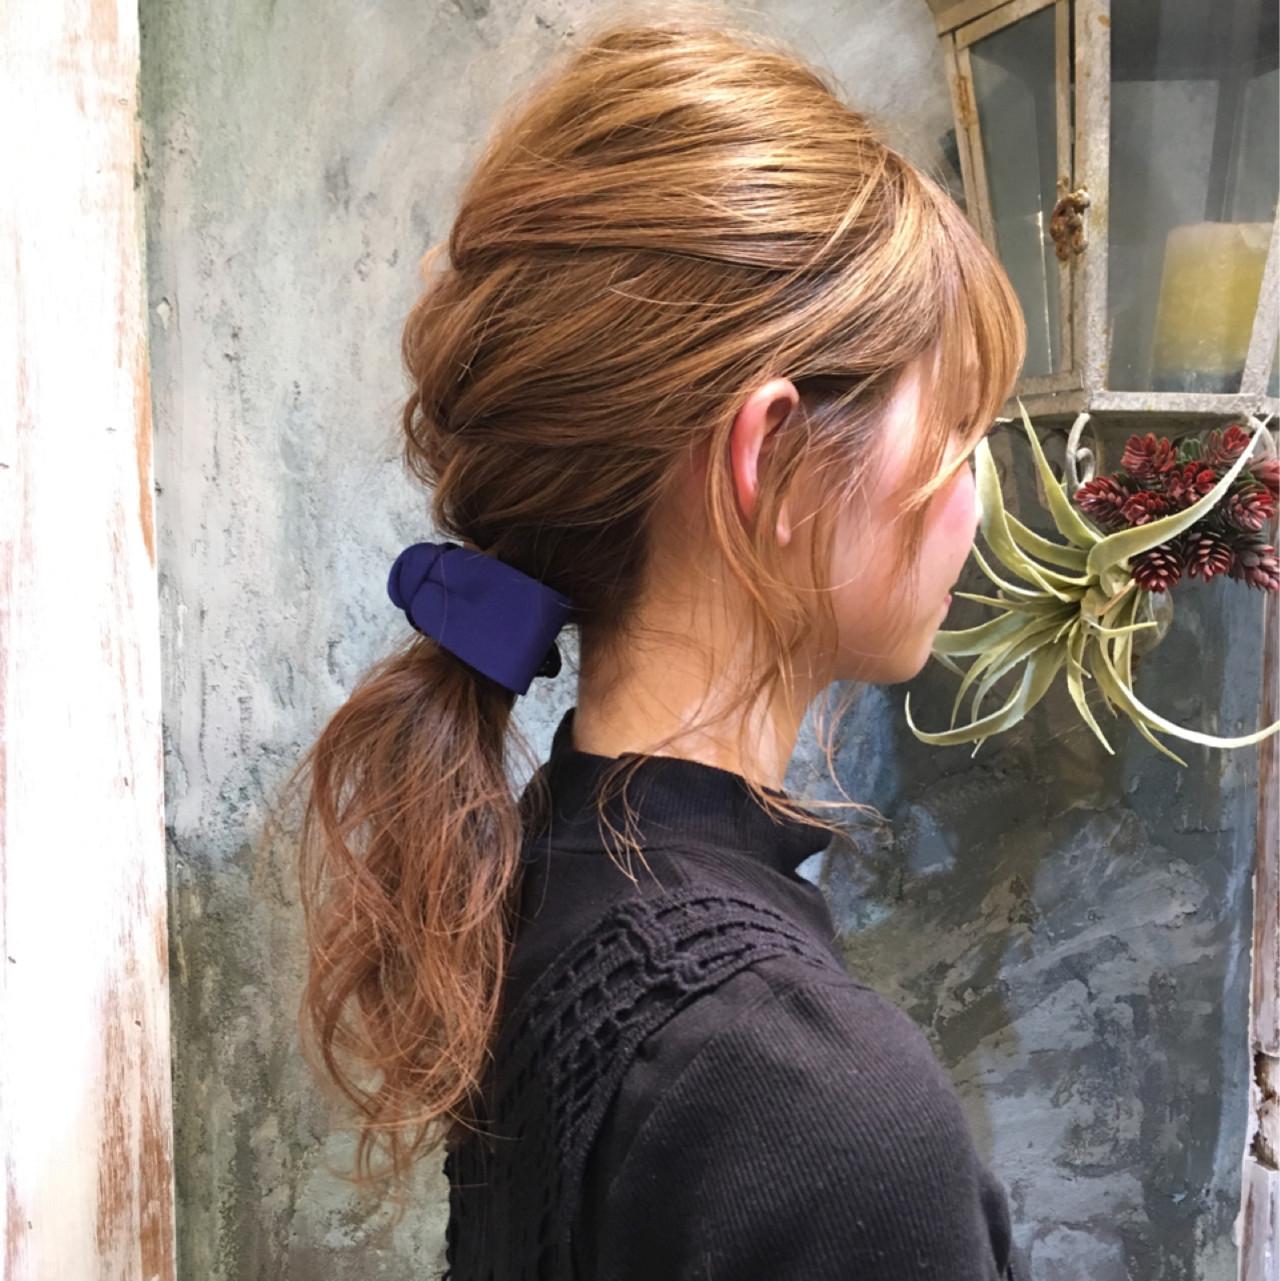 パーマ ショート ヘアアレンジ ハーフアップ ヘアスタイルや髪型の写真・画像 | 西川 賢一 blast / blast